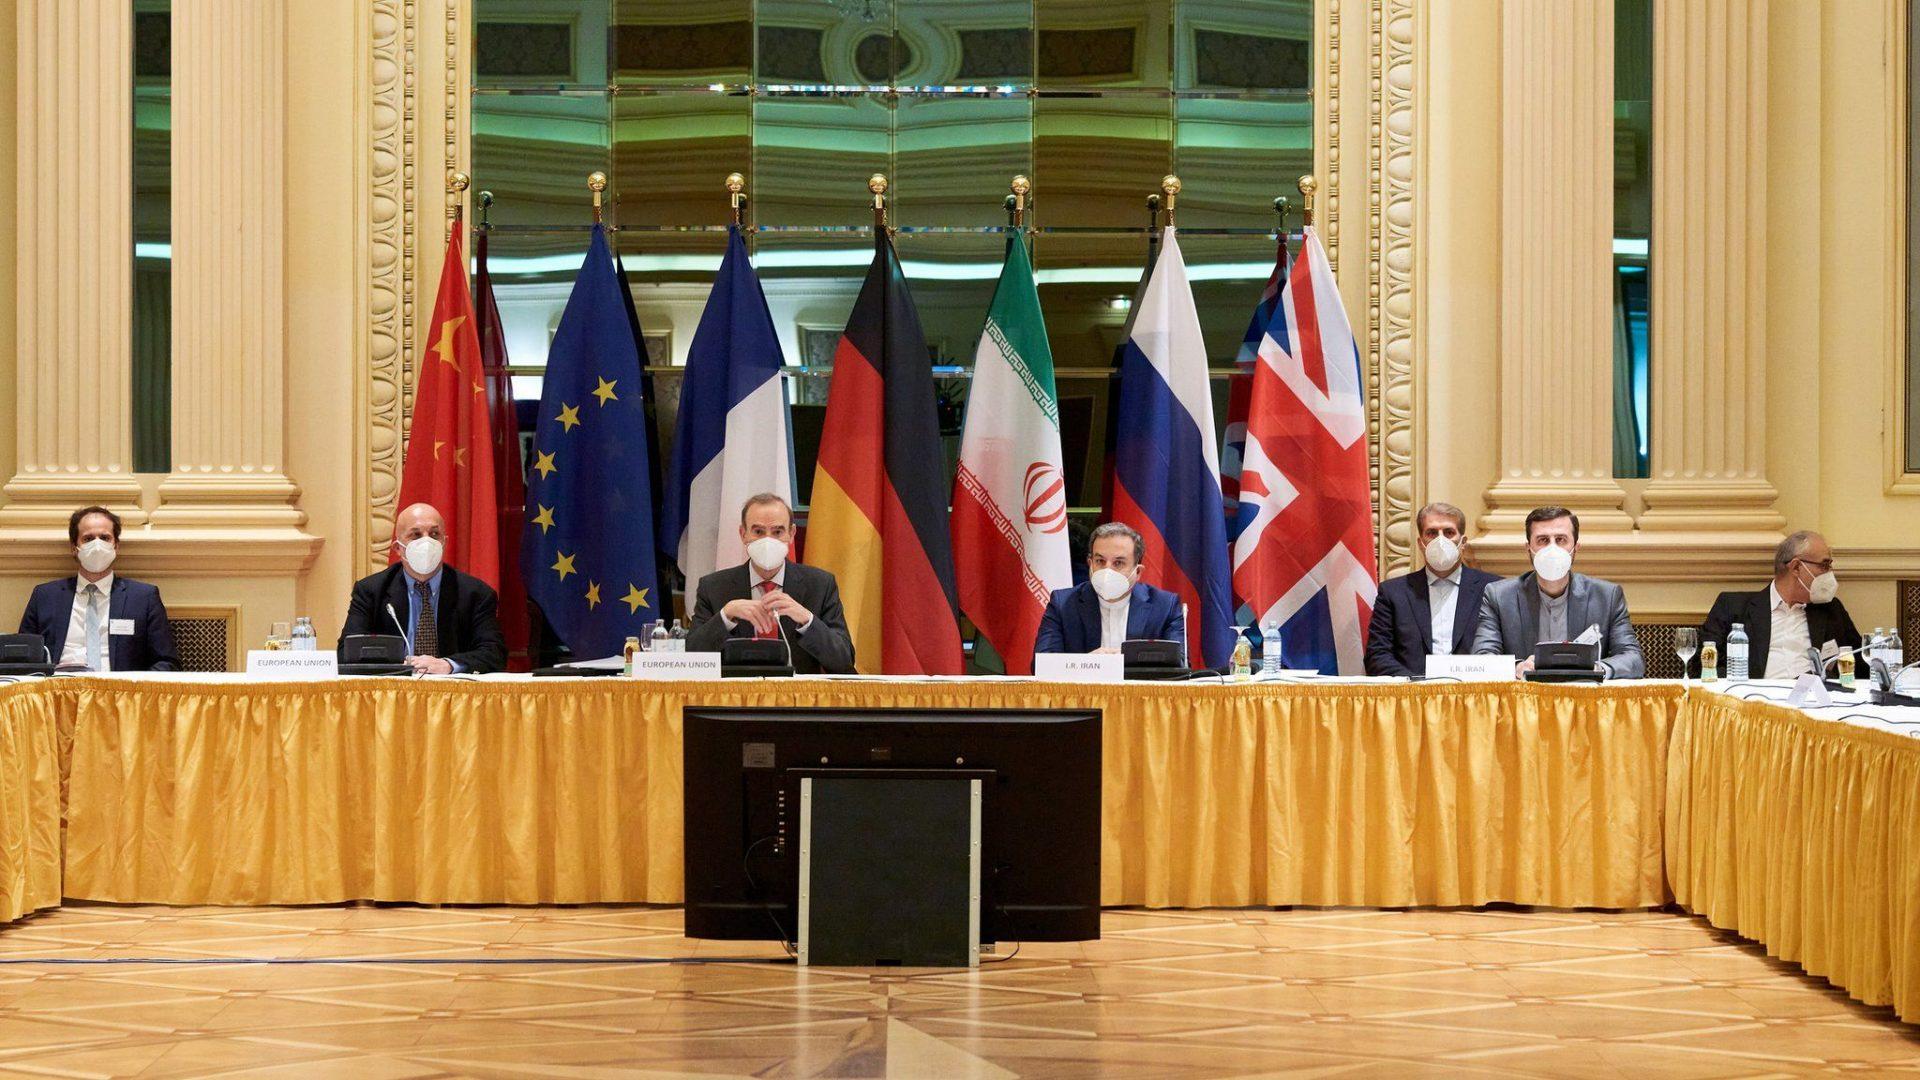 ვენაში 2015 წლის ბირთვული შეთანხმების გადასარჩენად მოლაპარაკებები მიმდინარეობს